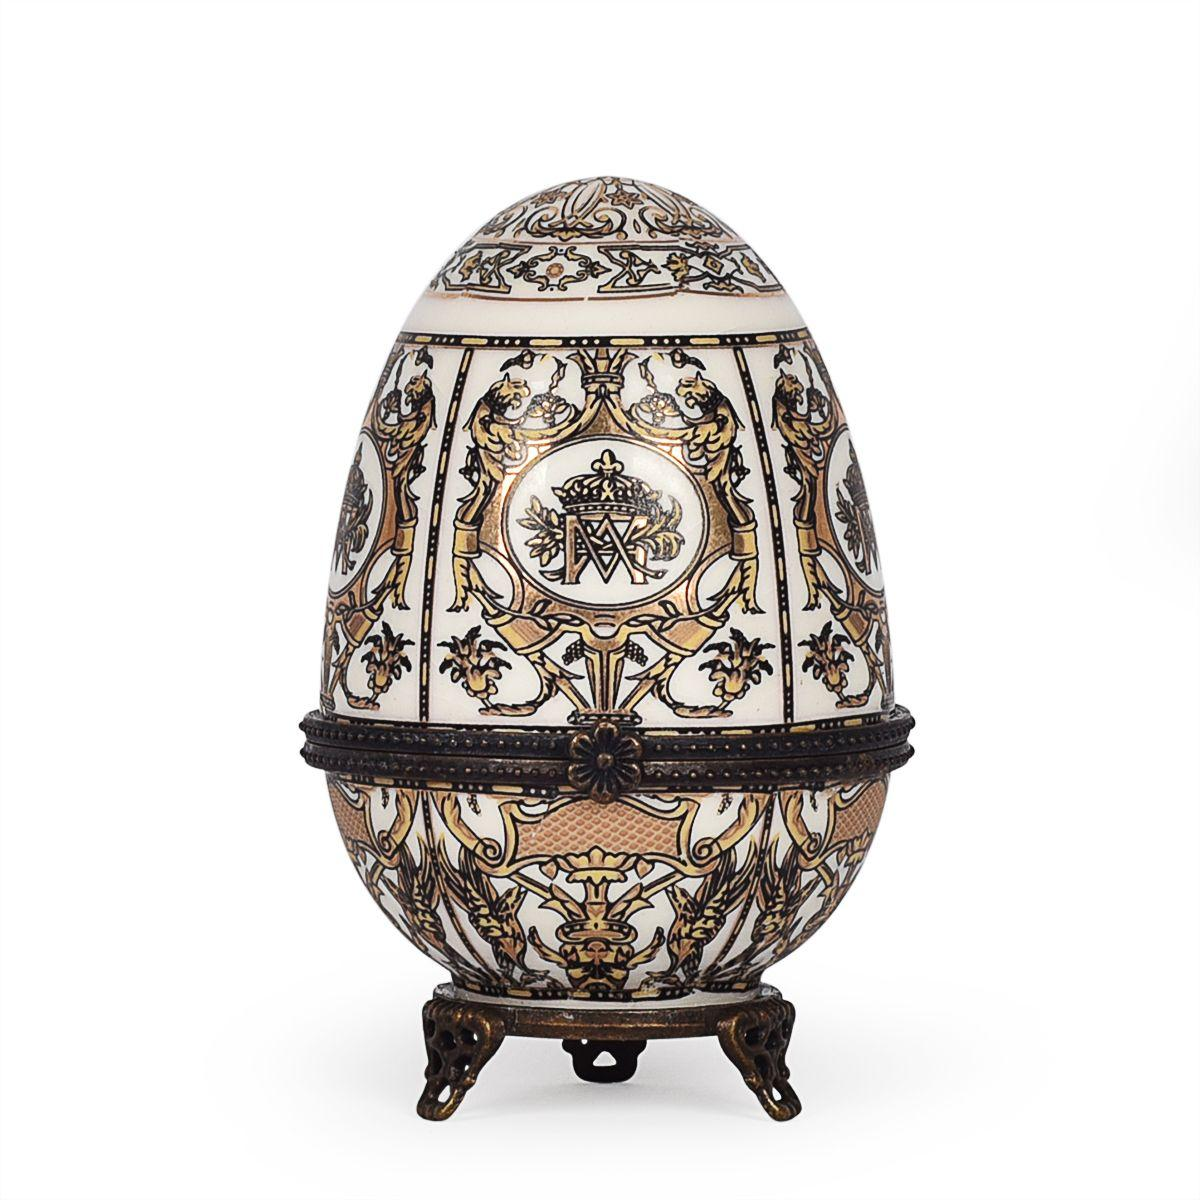 Фарфоровая шкатулка в форме яйца с узором из гербов